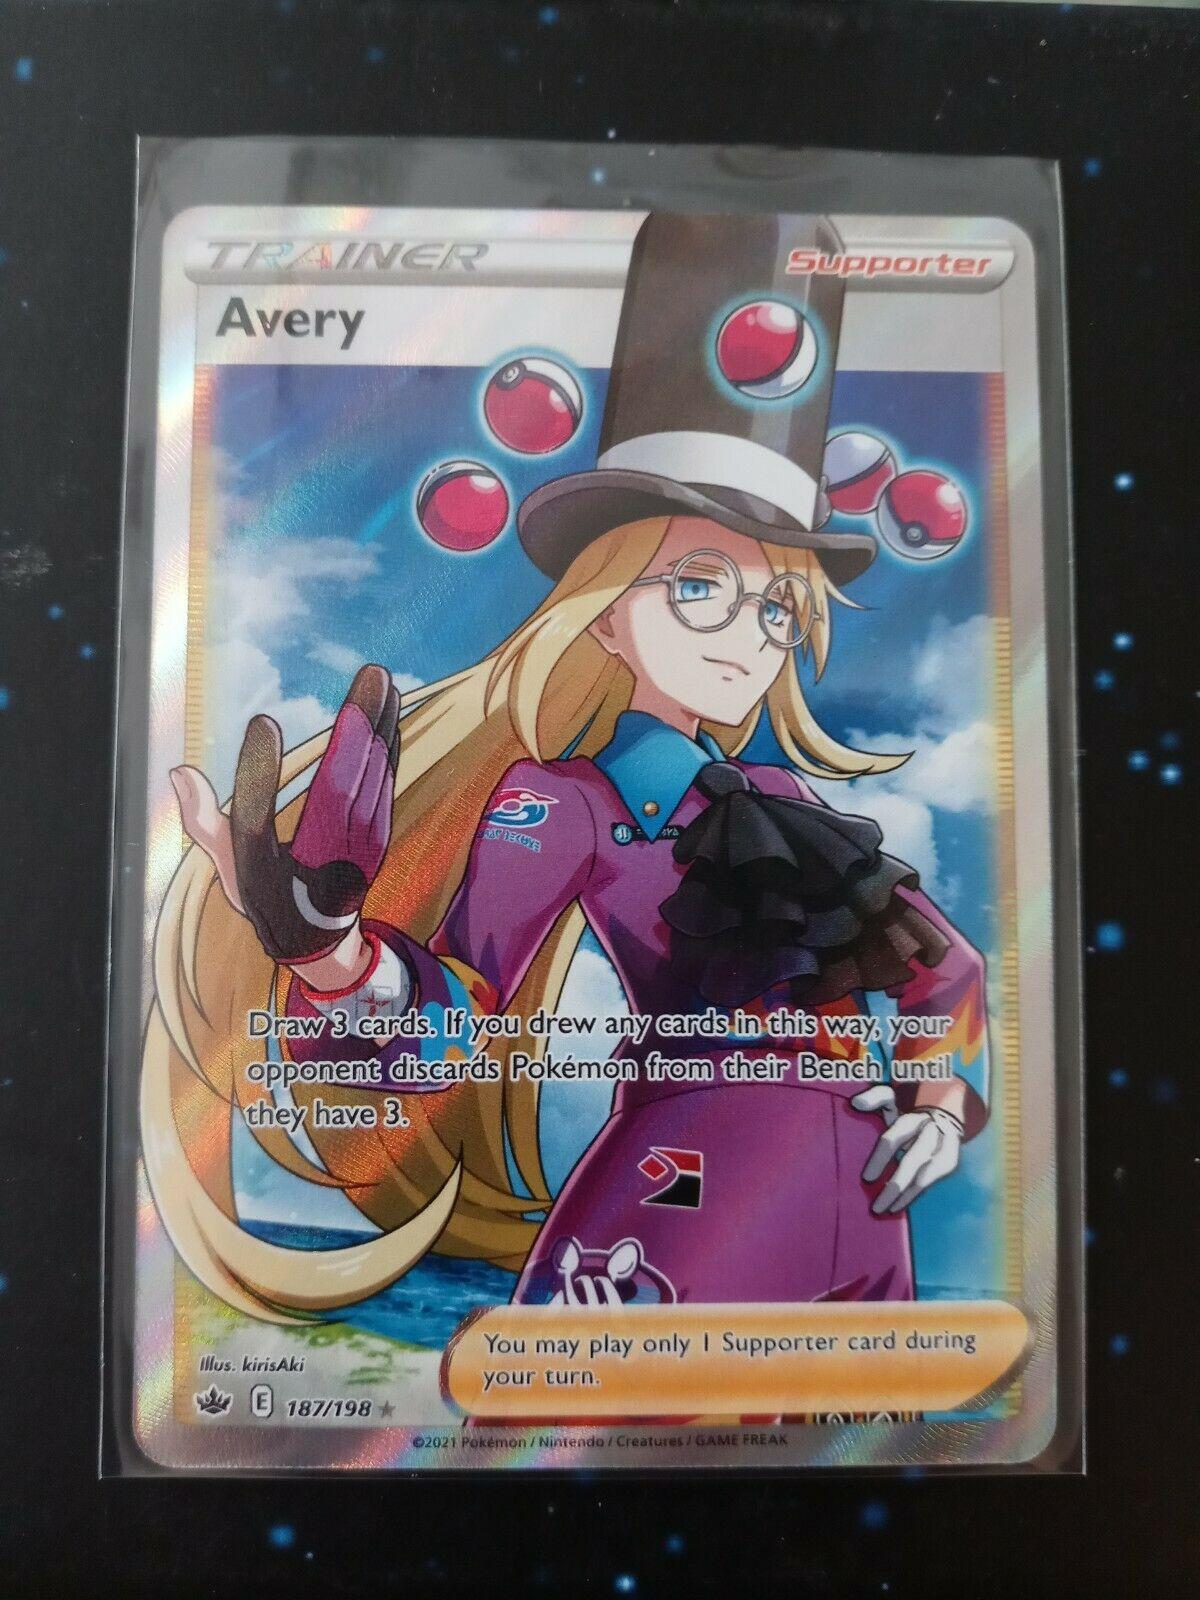 Avery 187/198 Full Art Trainer SWSH Pokemon Card Chilling Reign NM/M